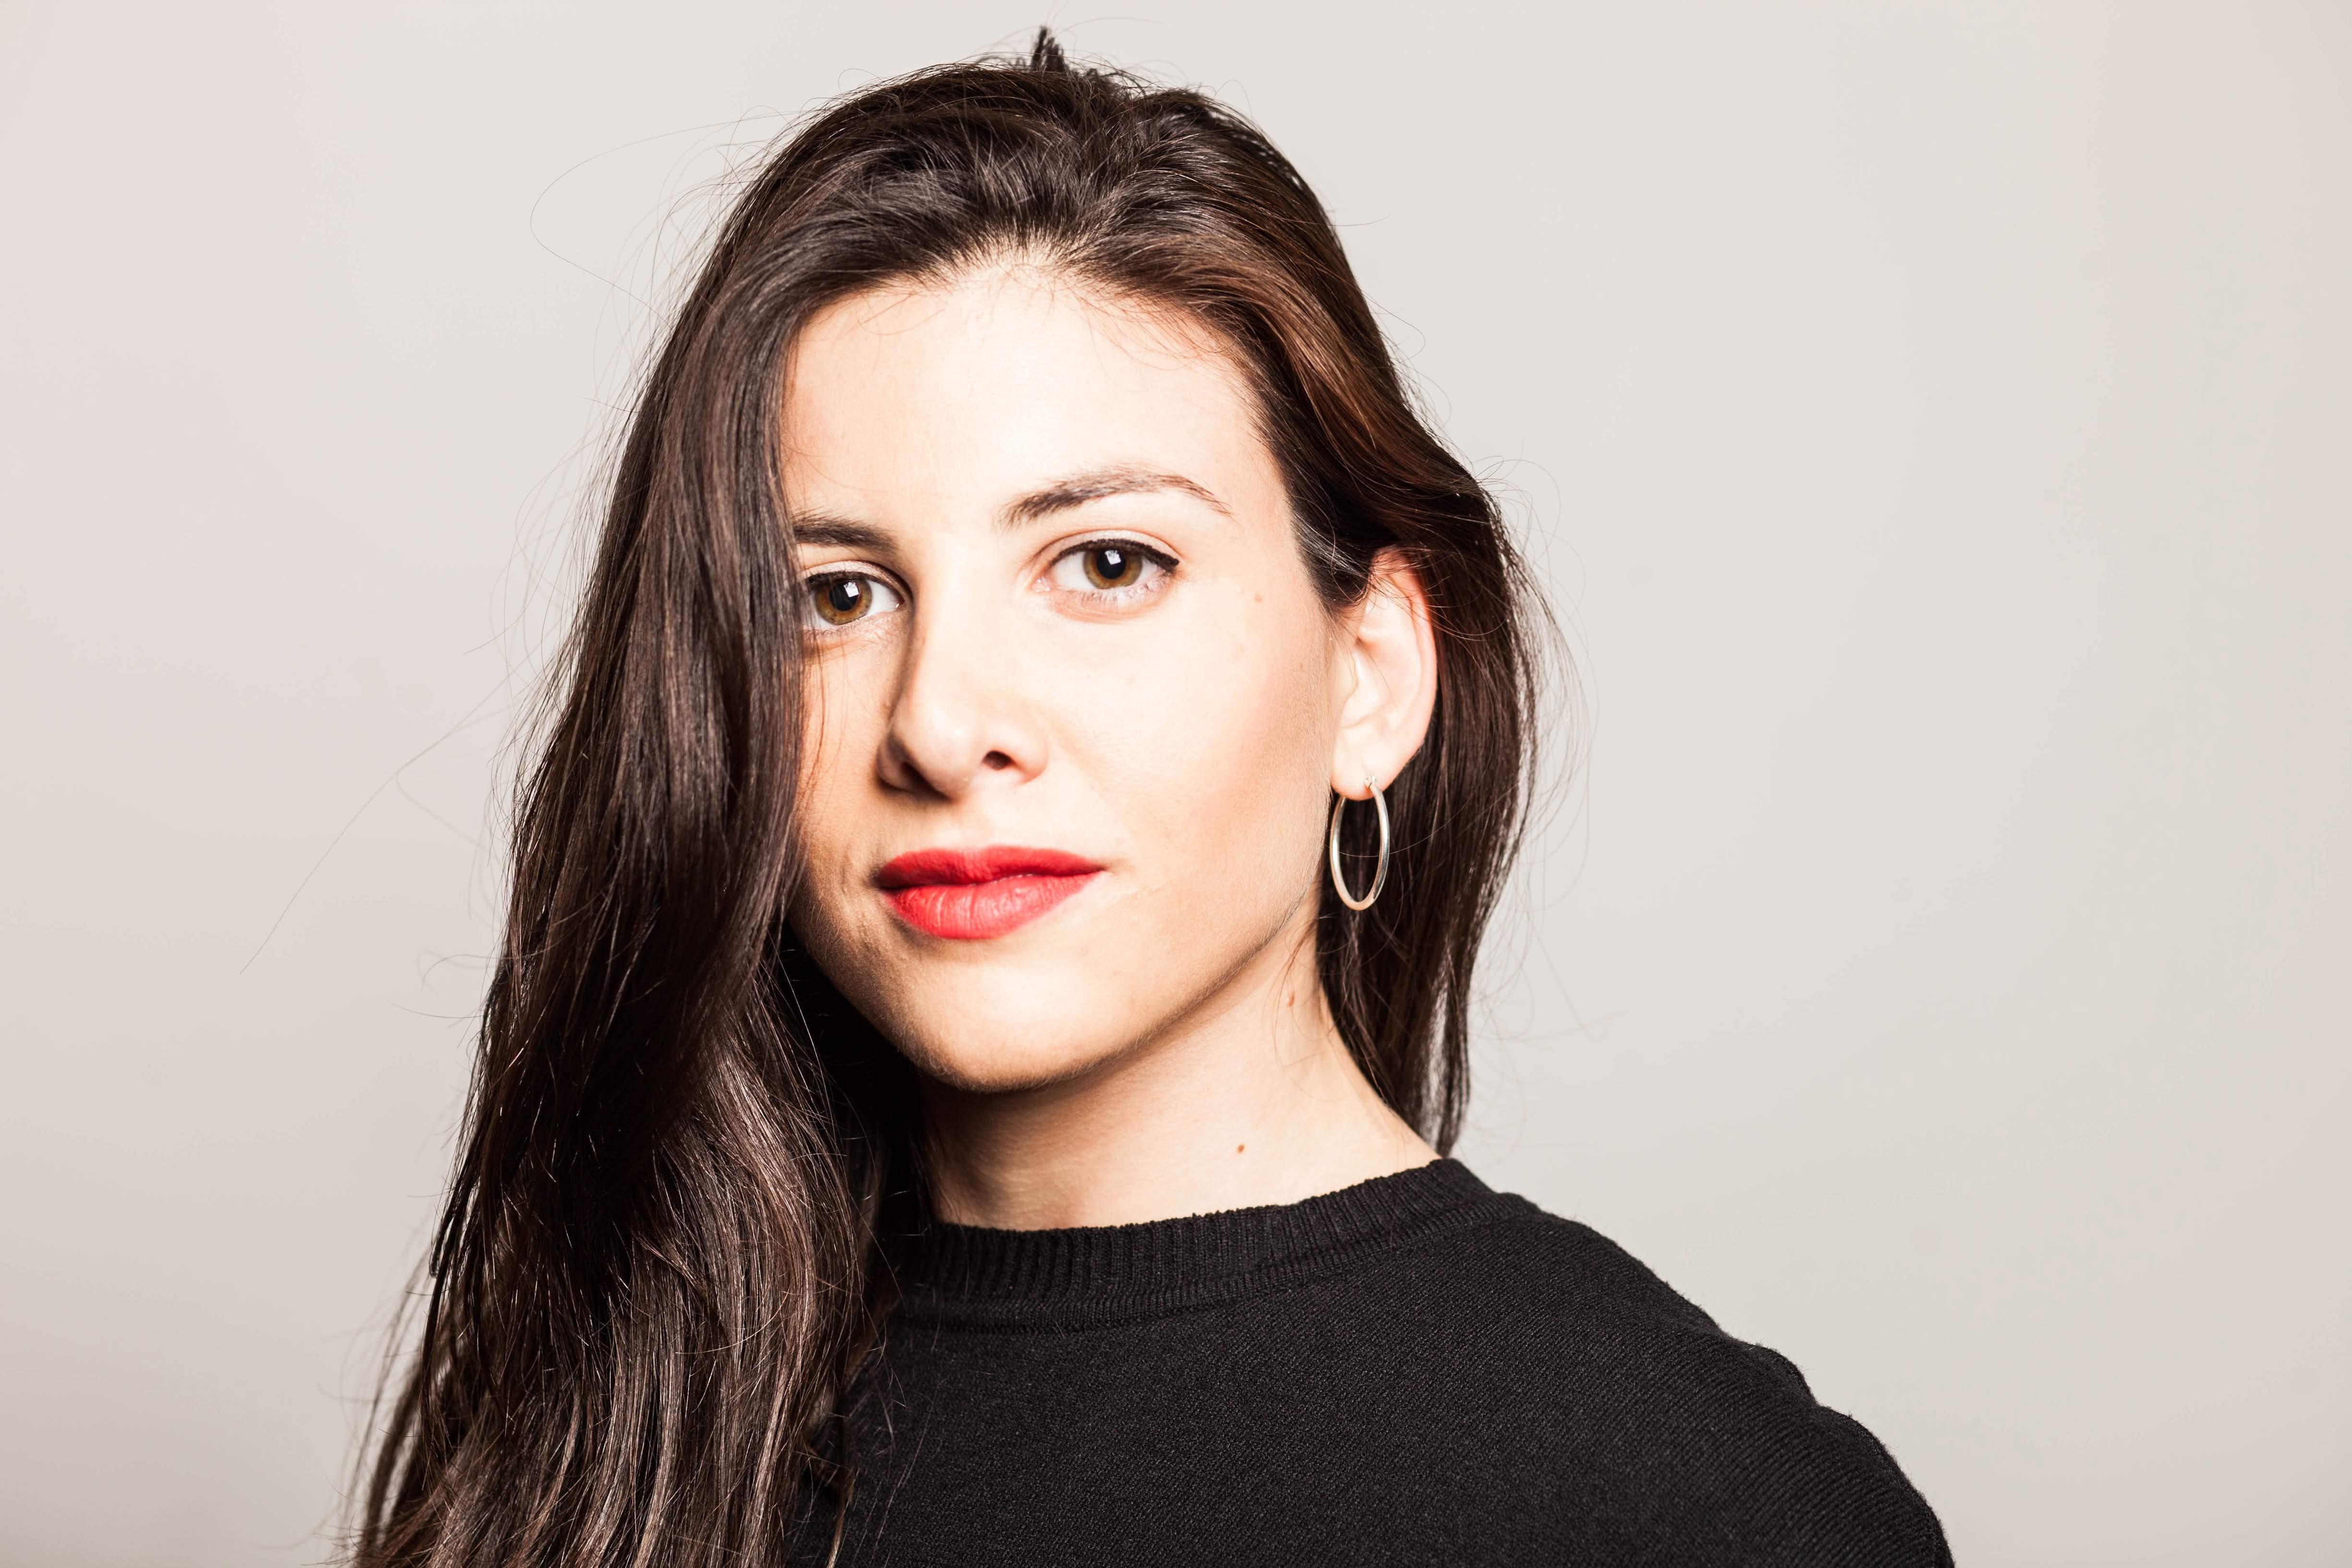 Sofia Contreras